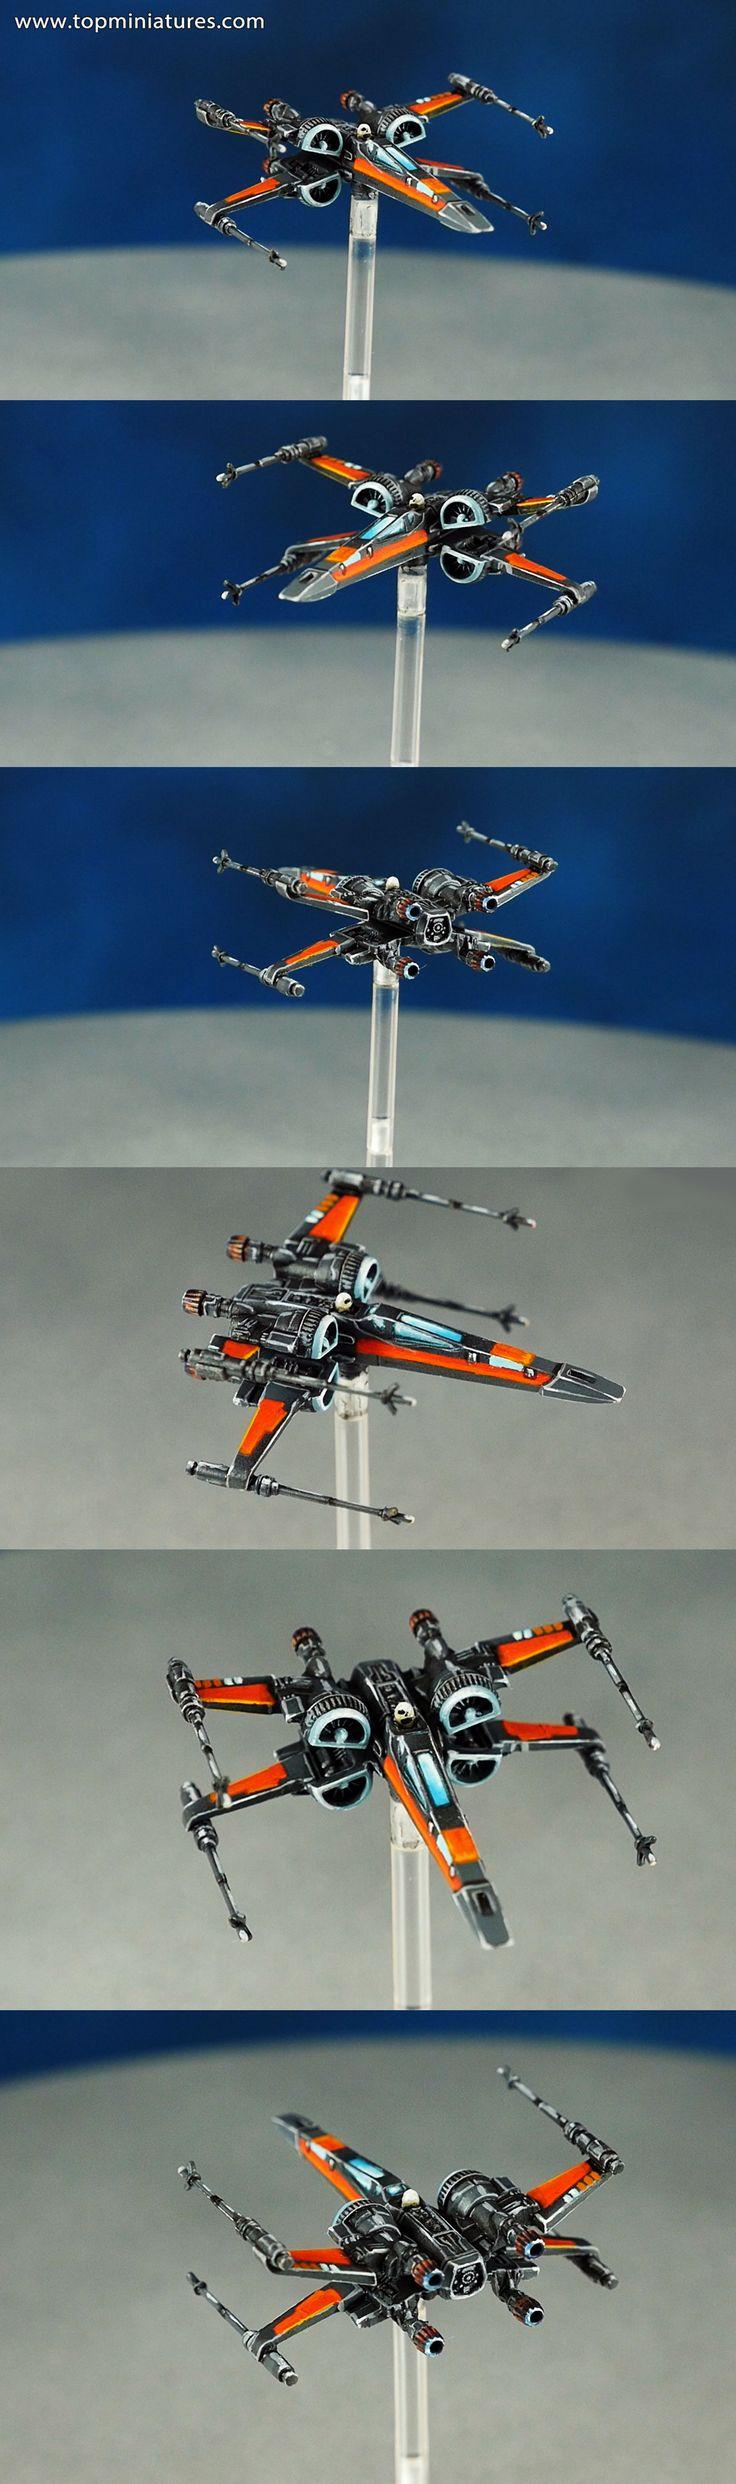 star wars x-wing t-70